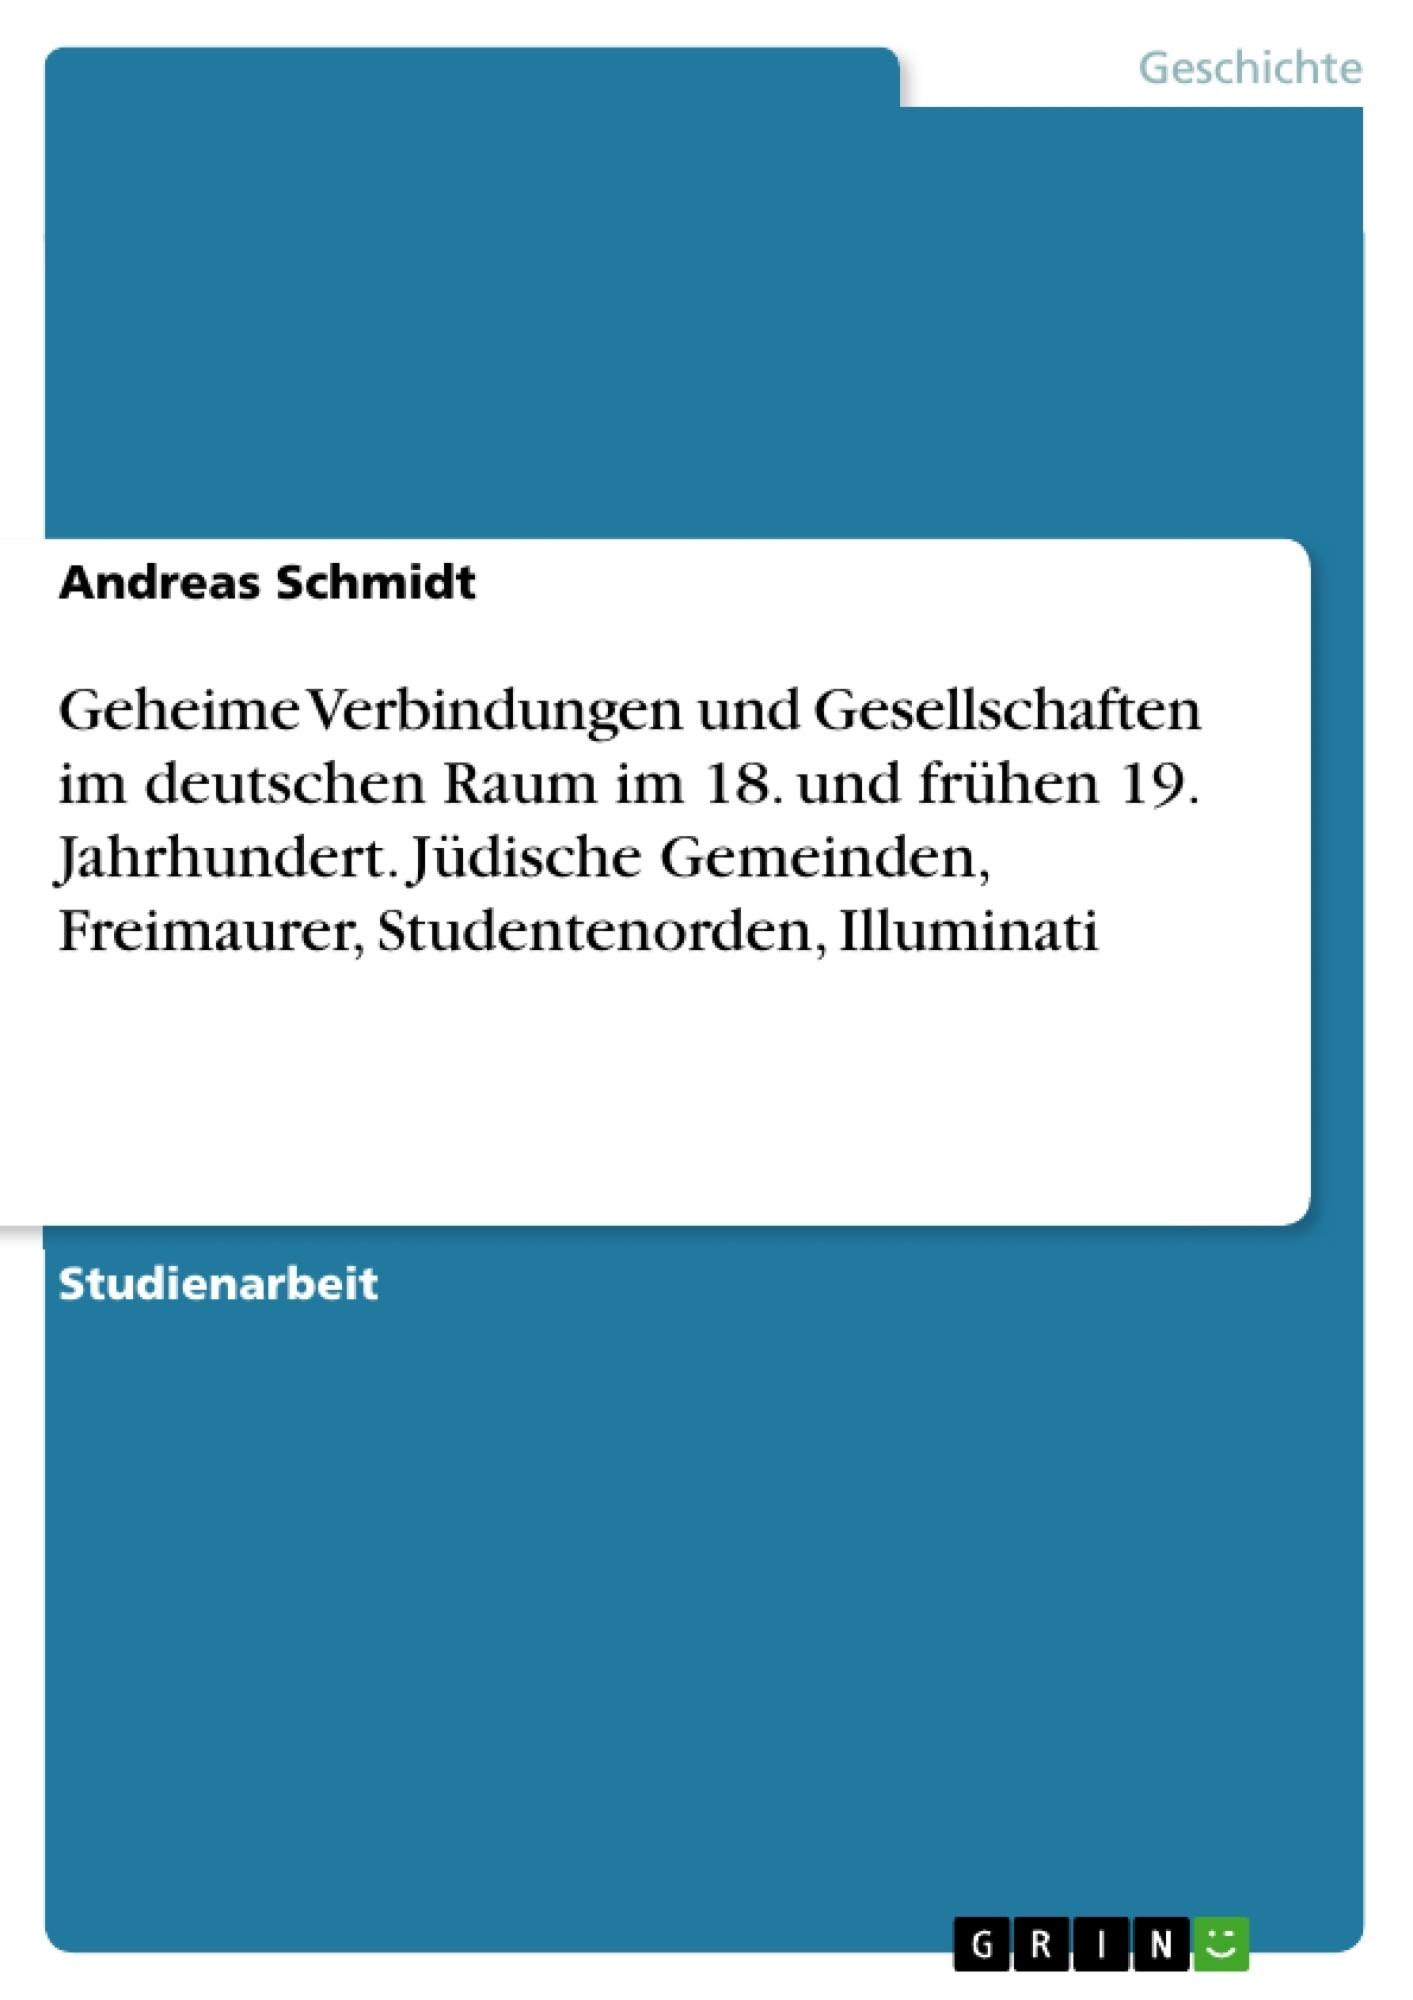 Grin Geheime Verbindungen Und Gesellschaften Im Deutschen Raum Im 18 Und Frühen 19 Jahrhundert Jüdische Gemeinden Freimaurer Studentenorden